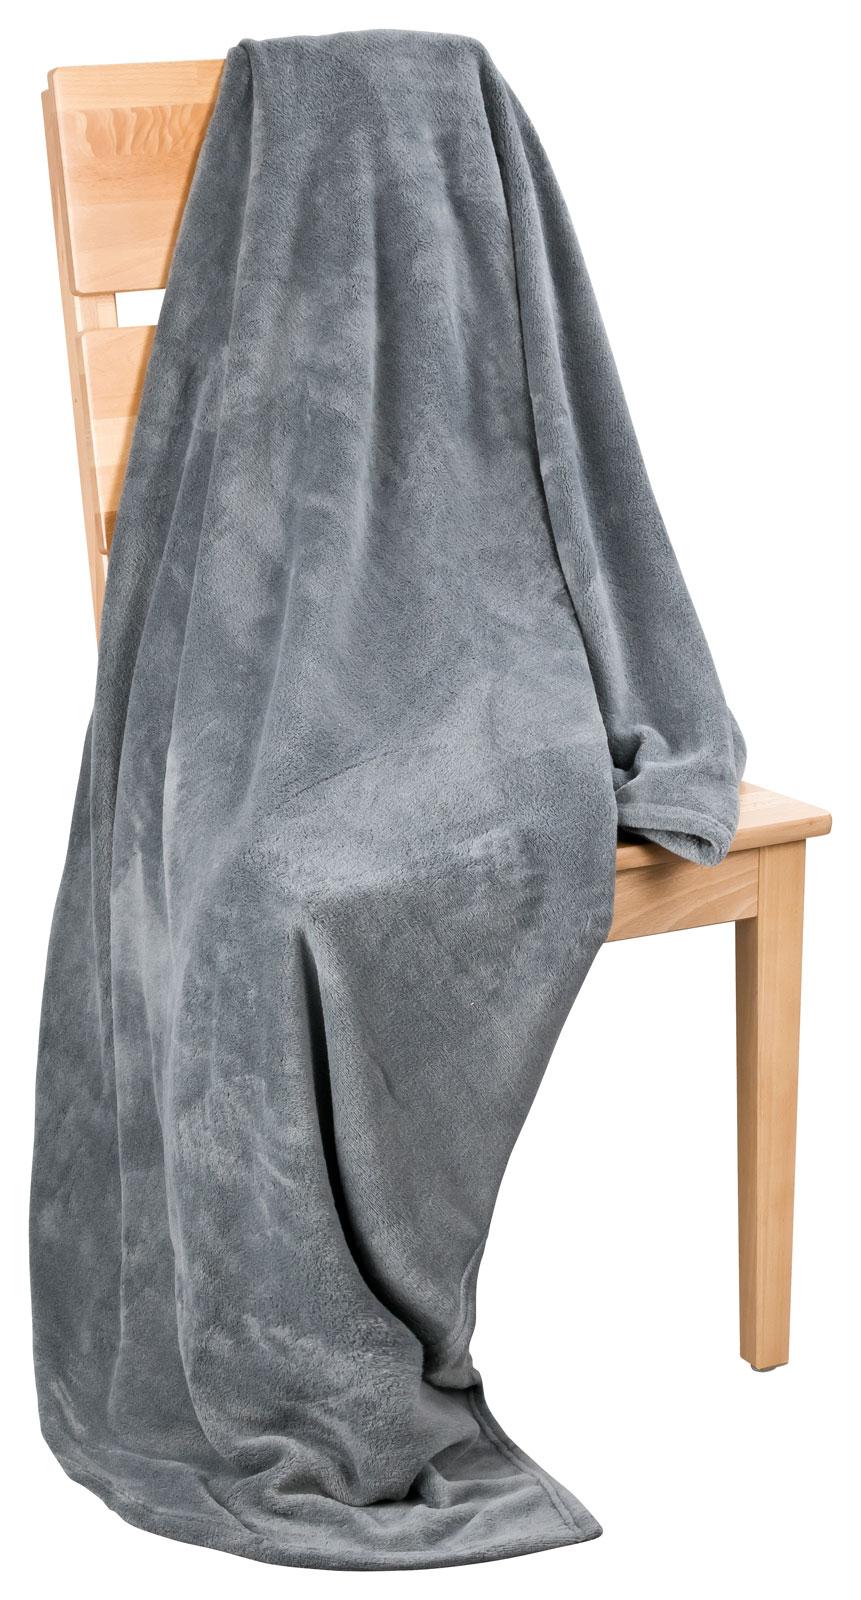 microfaser flausch decke kuscheldecke wohndecke boston 150x200 ebay. Black Bedroom Furniture Sets. Home Design Ideas